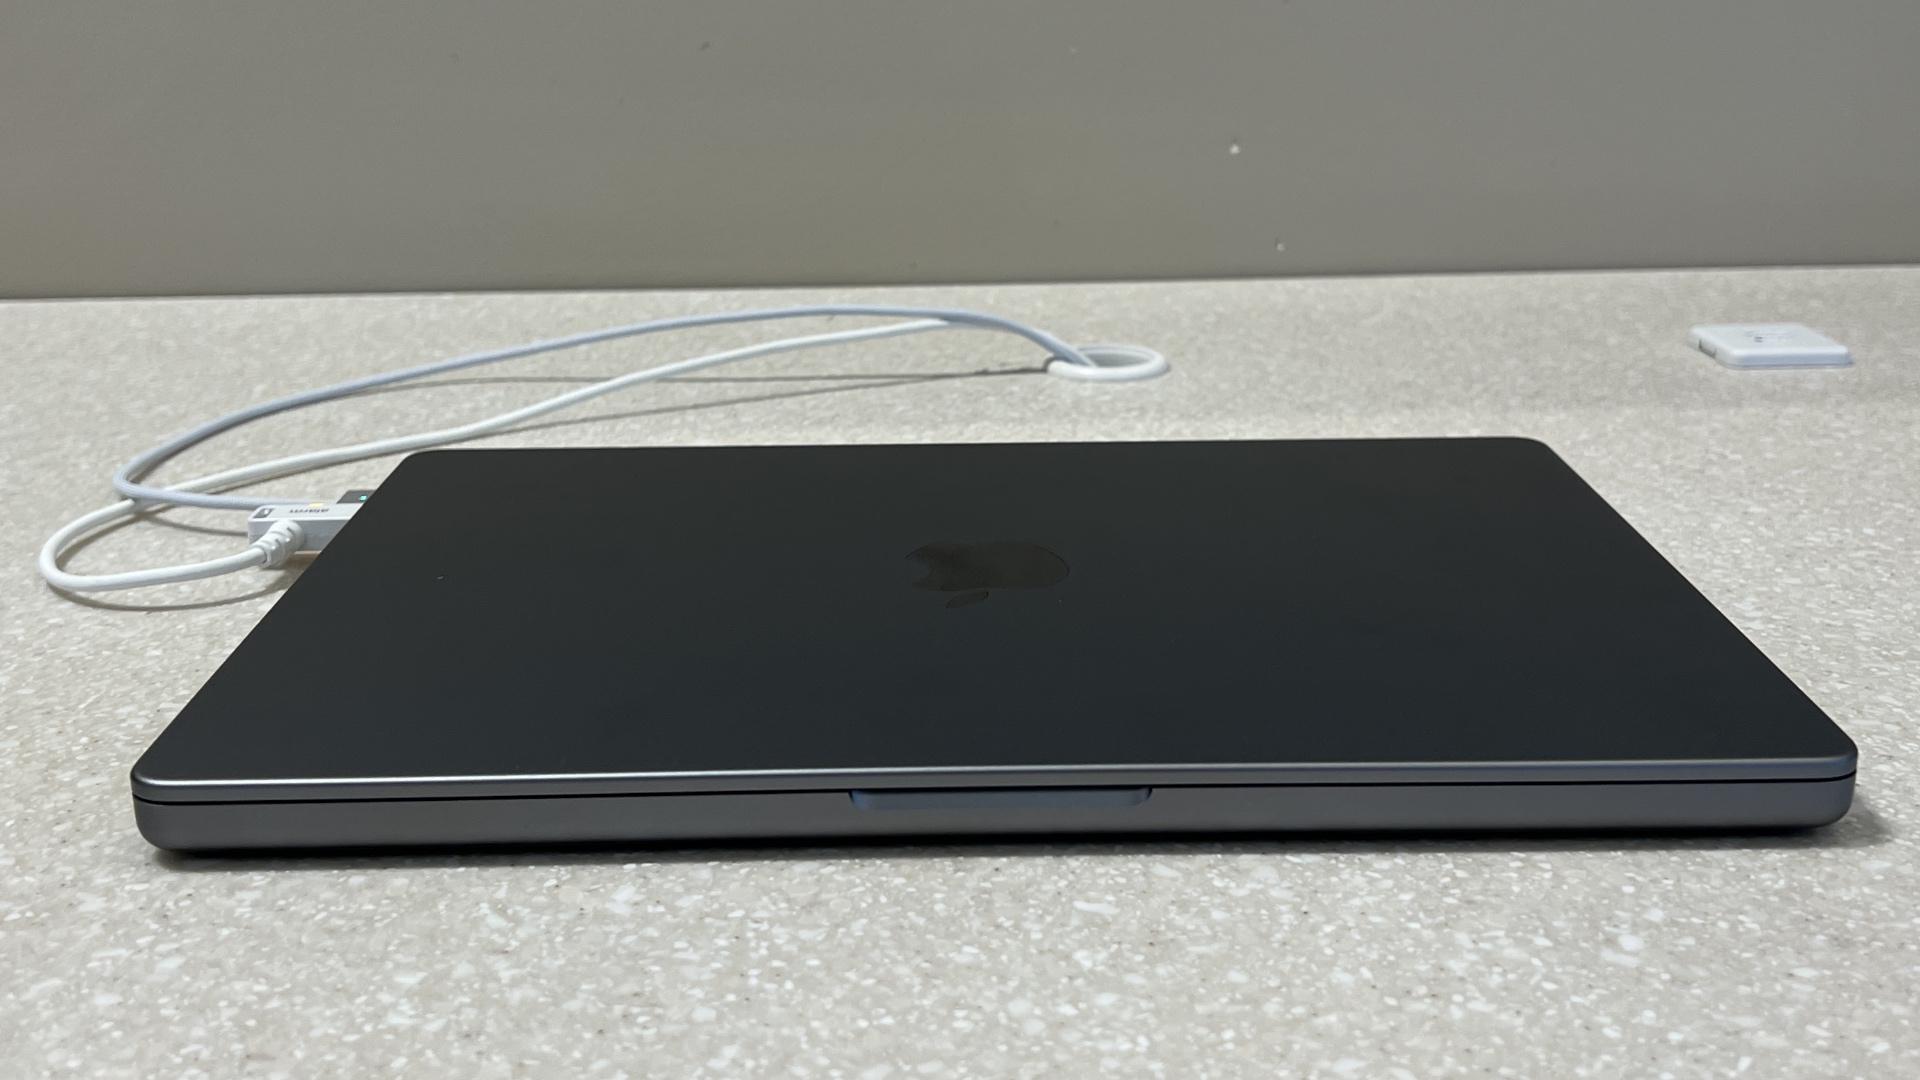 14 inch macbook pro closed